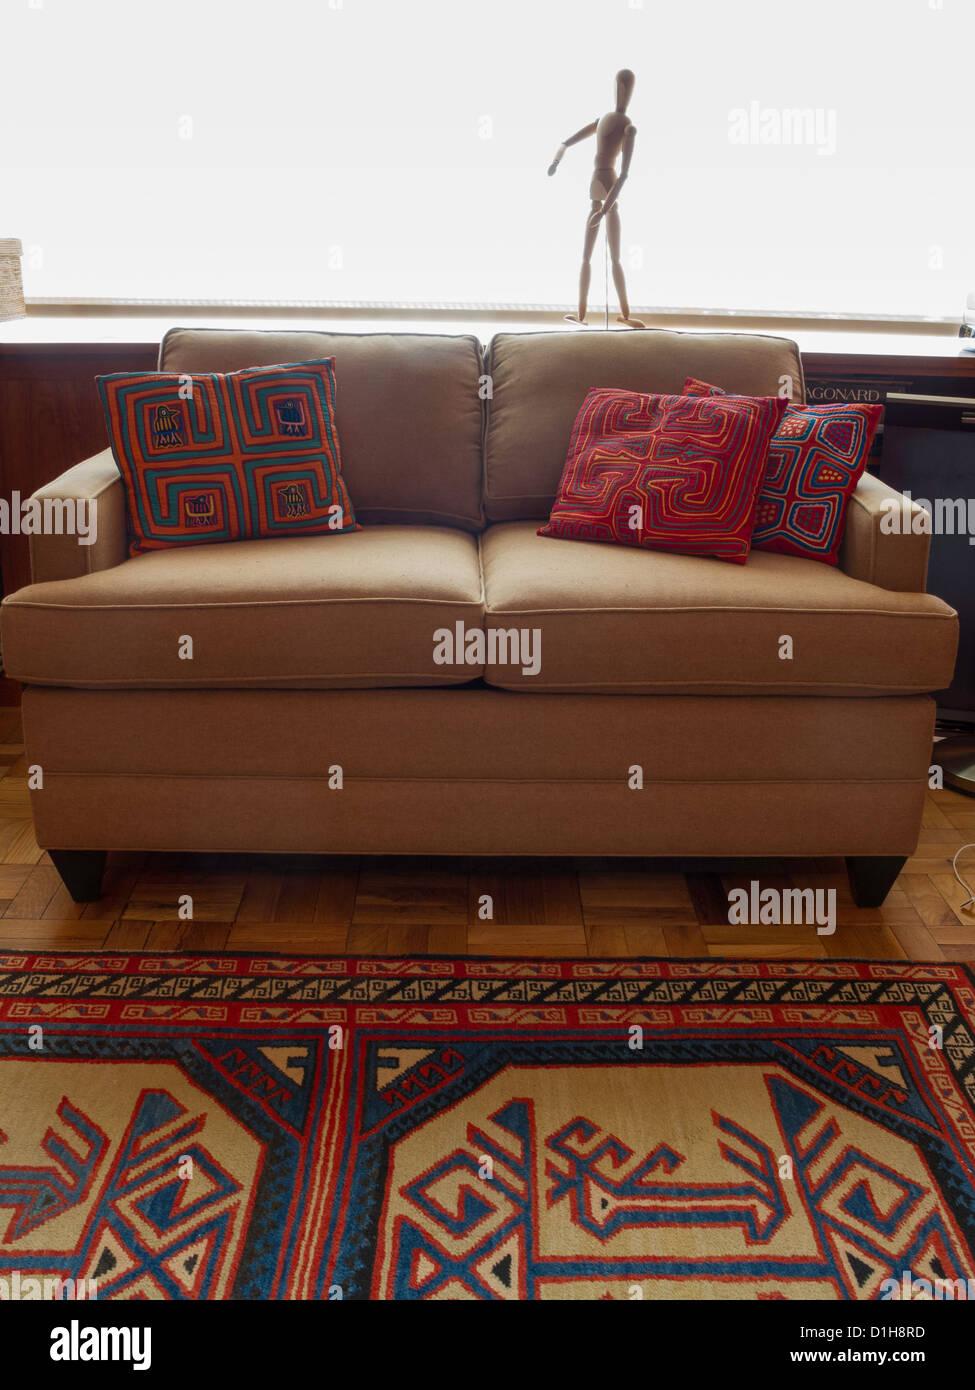 Convertible Furniture Stock Photos & Convertible Furniture ...